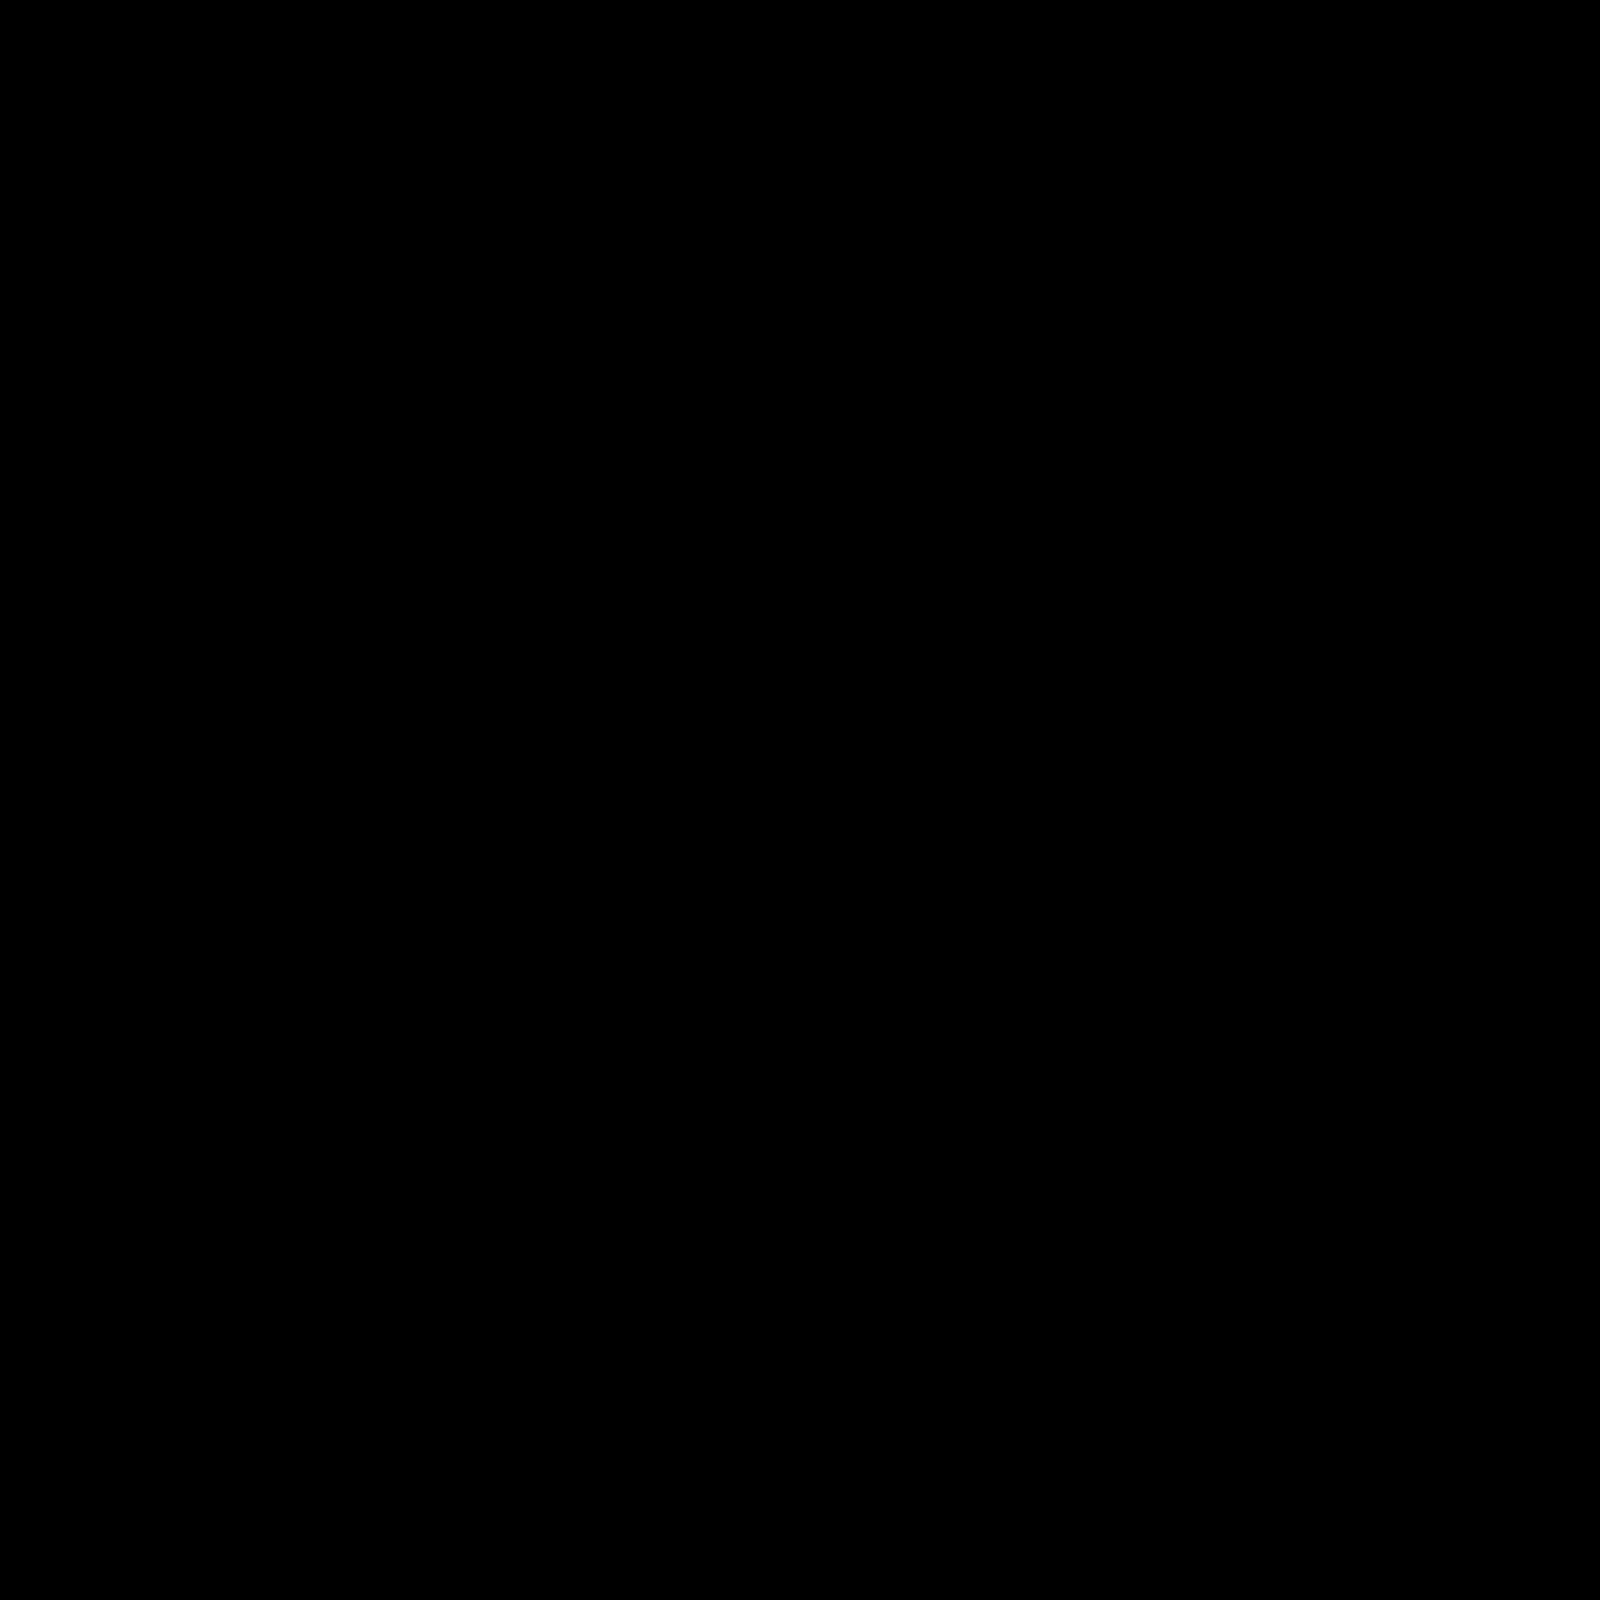 イラストレーター icon